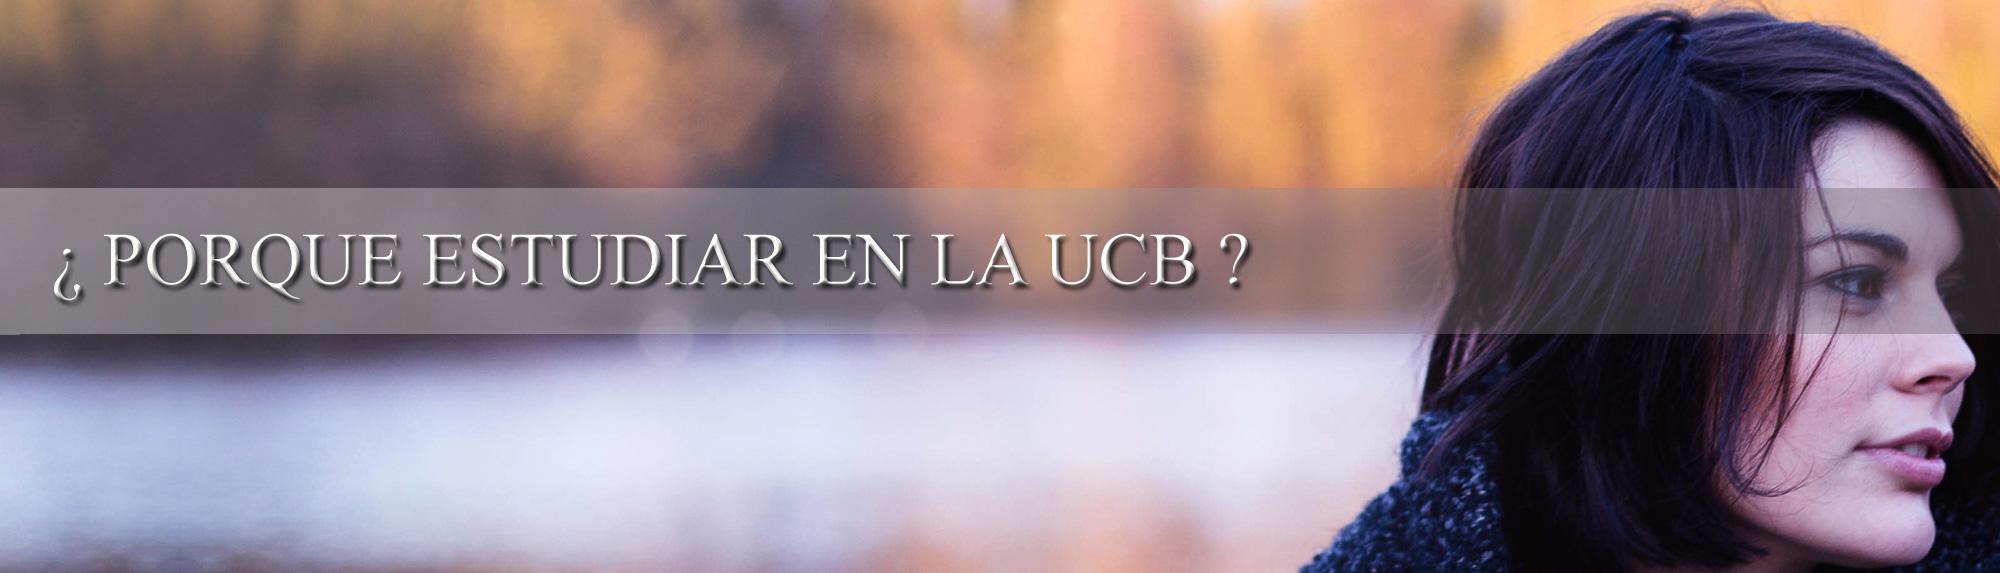 PQ_estudianr_UCB_template_p